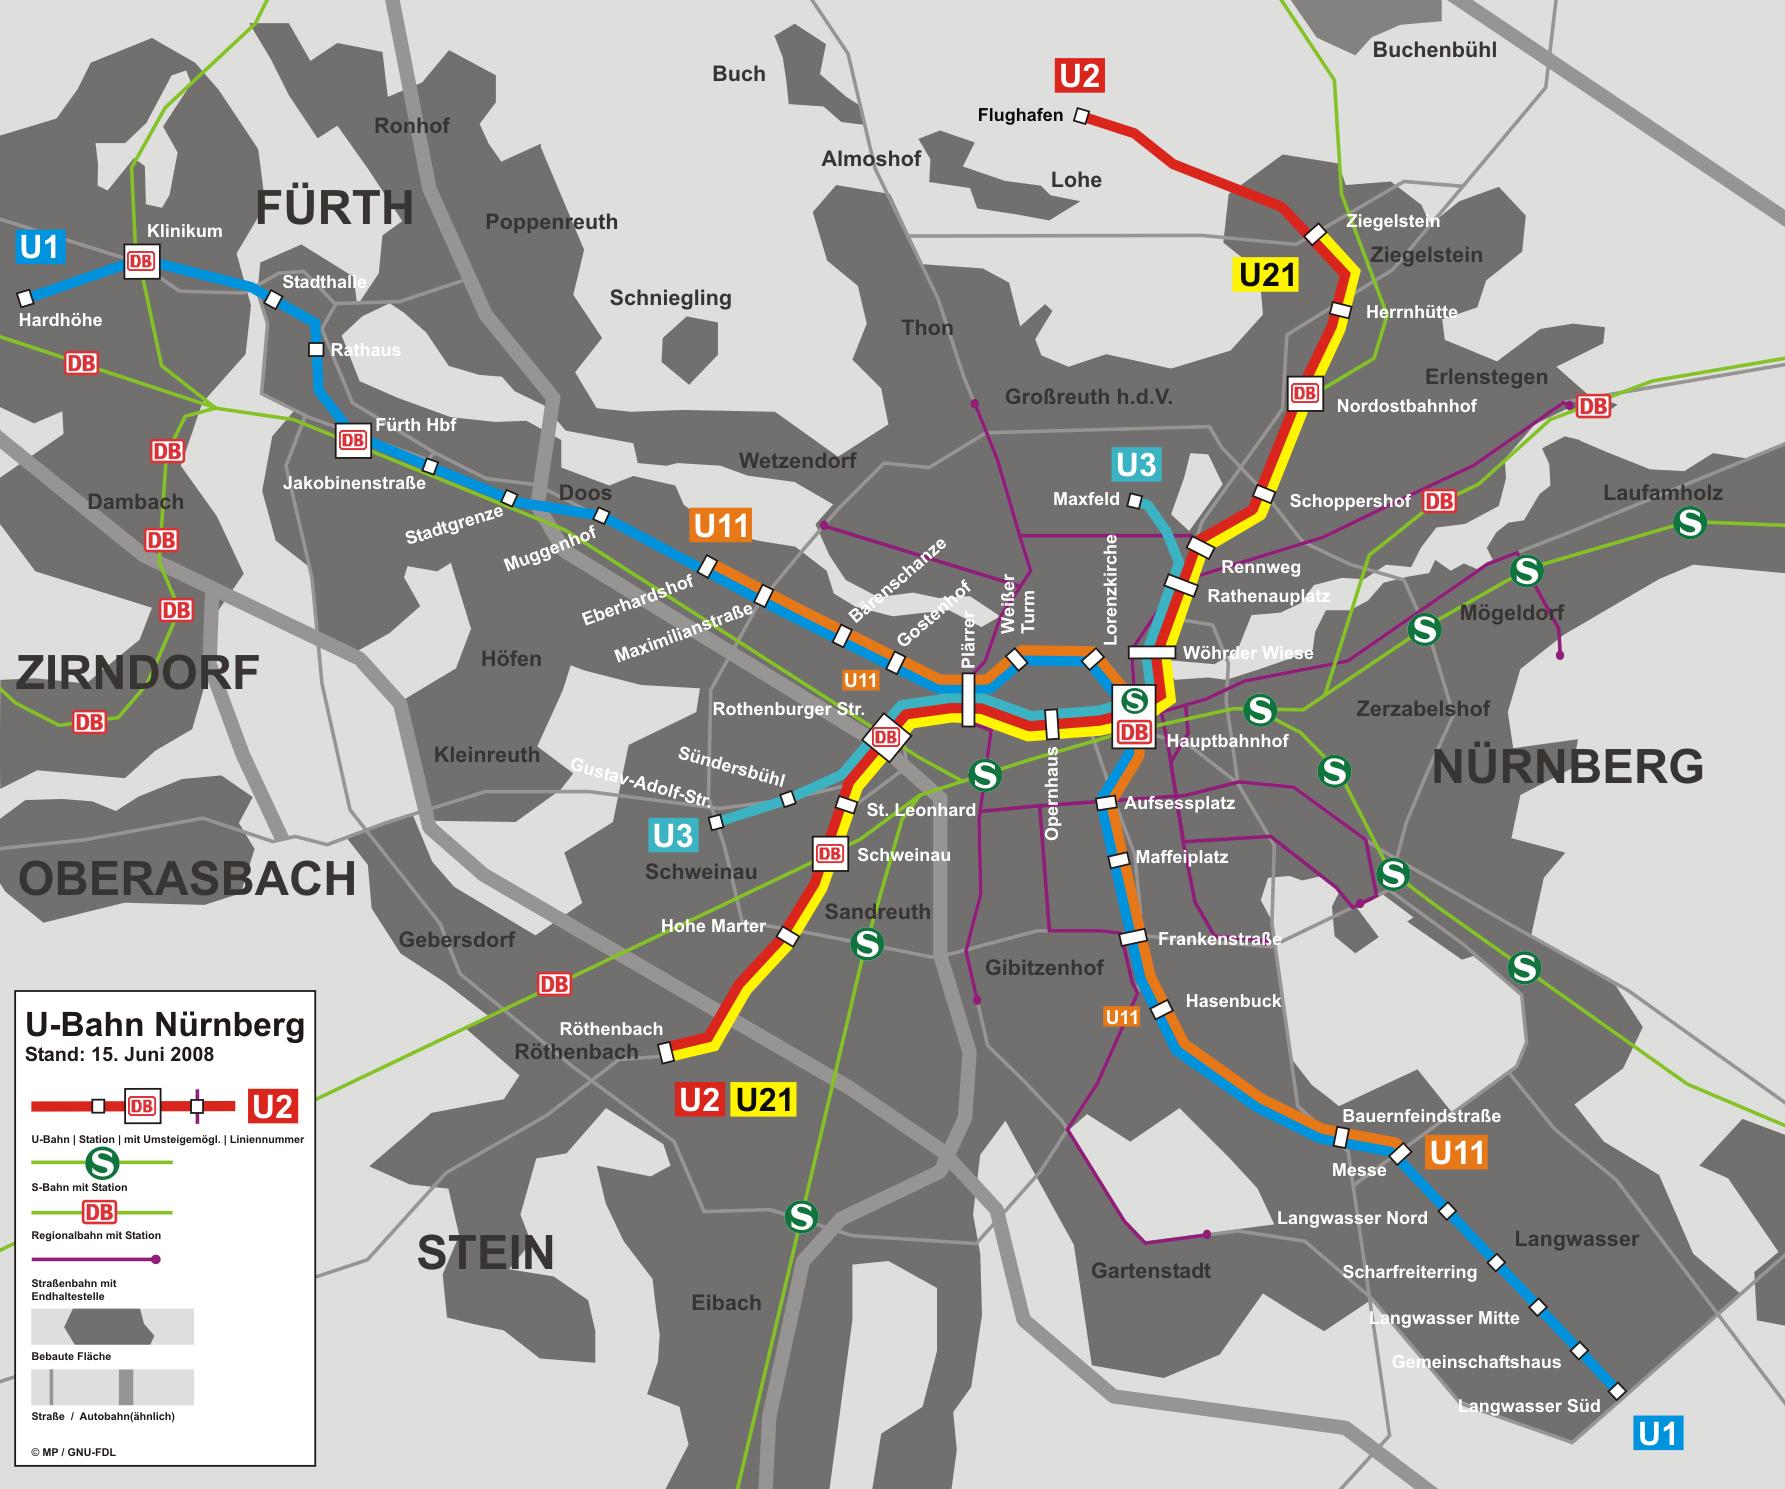 U-Bahn von Nürnberg   Metros, Undergrounds and Subways ...